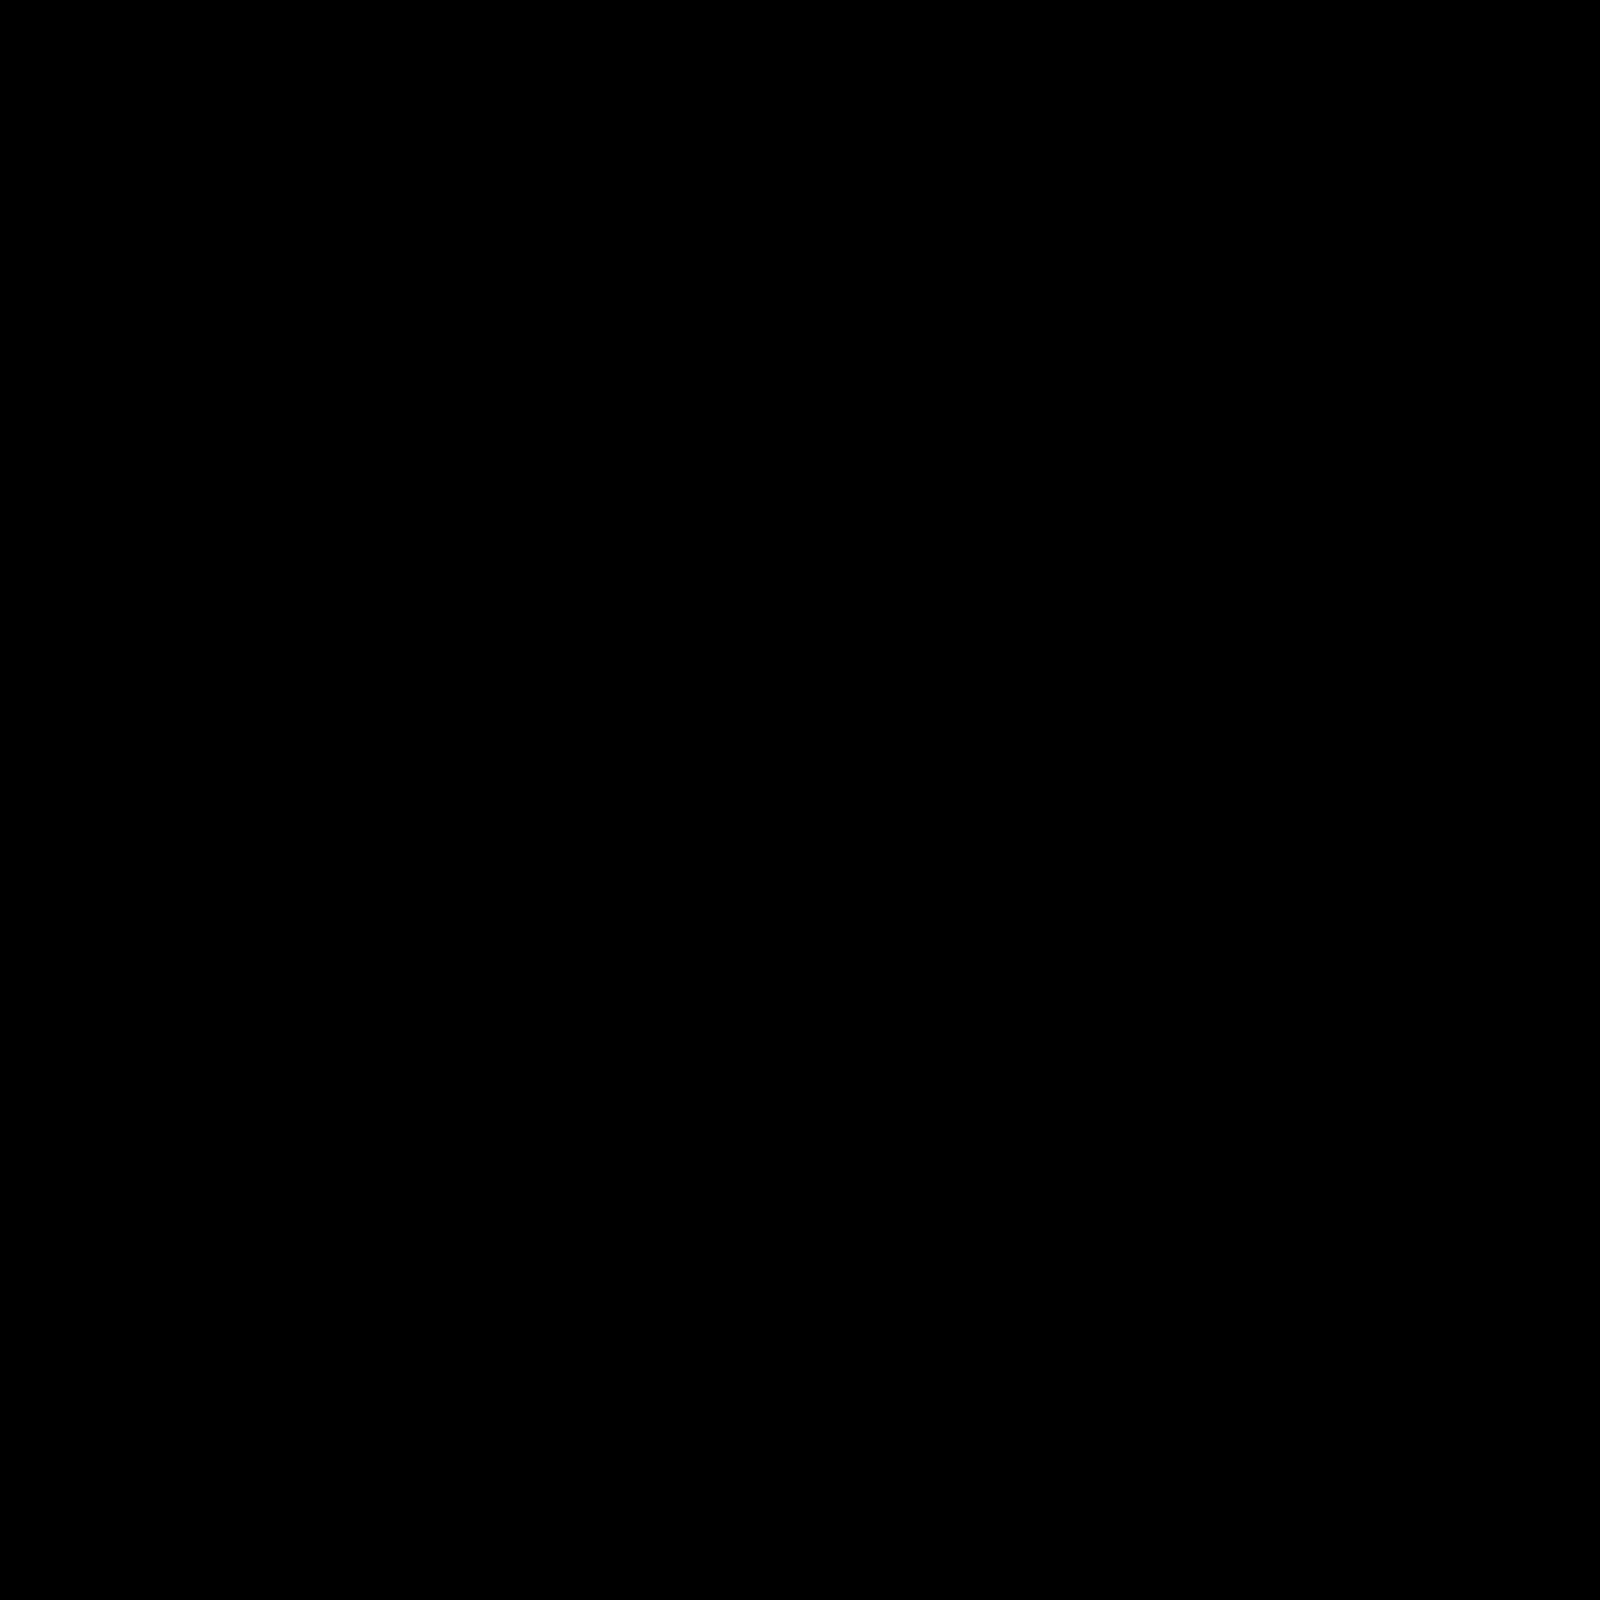 鐘 icon